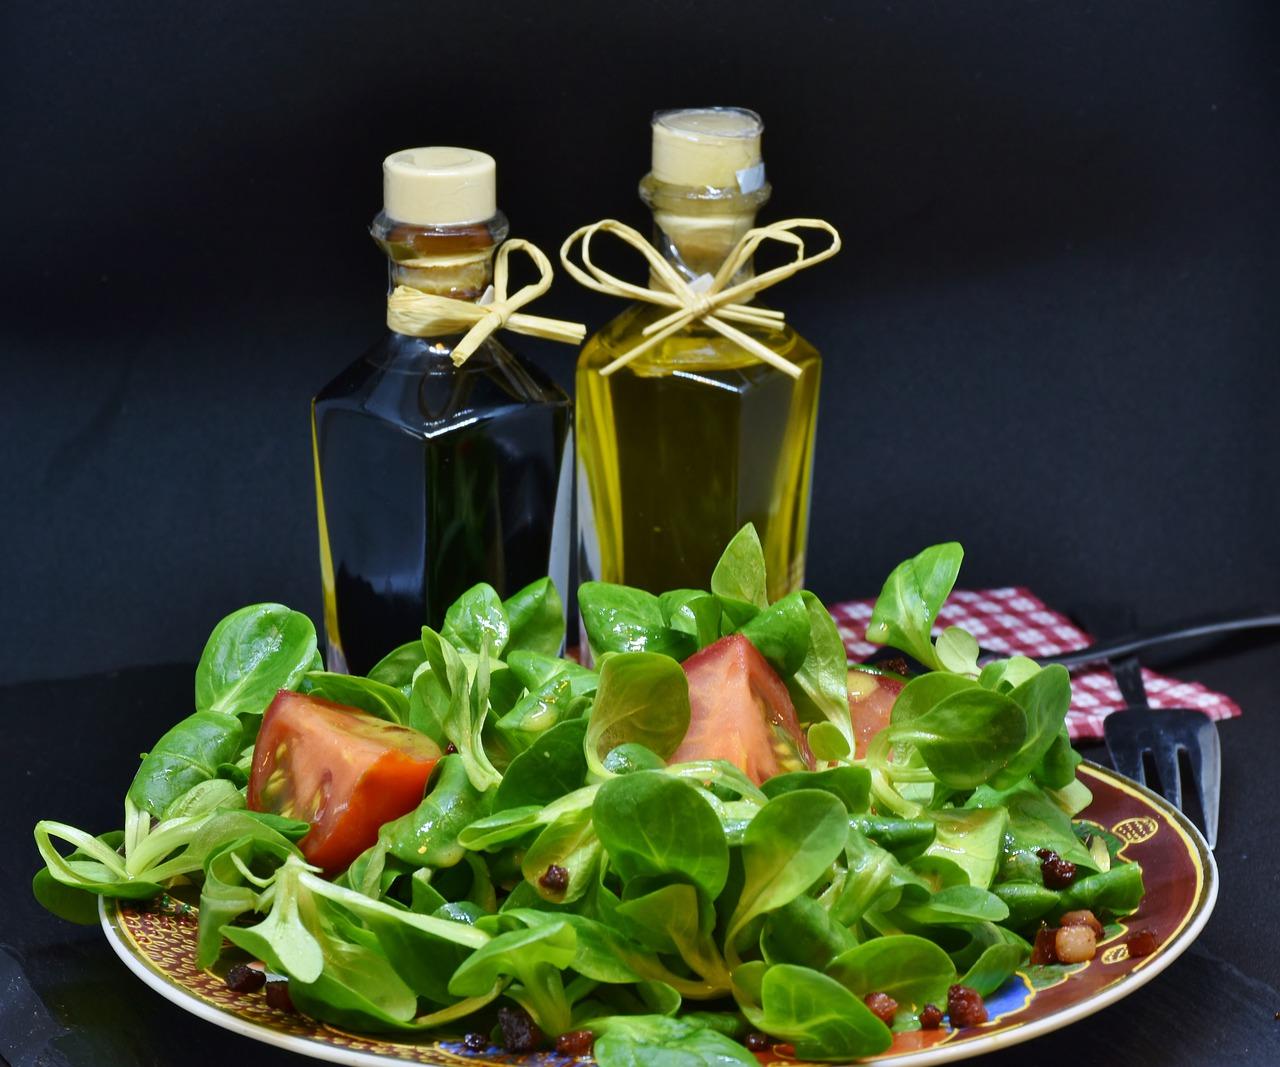 黒酢にダイエット効果あり?お肌にも効果的な飲み方や期間、サプリの効能もご紹介!